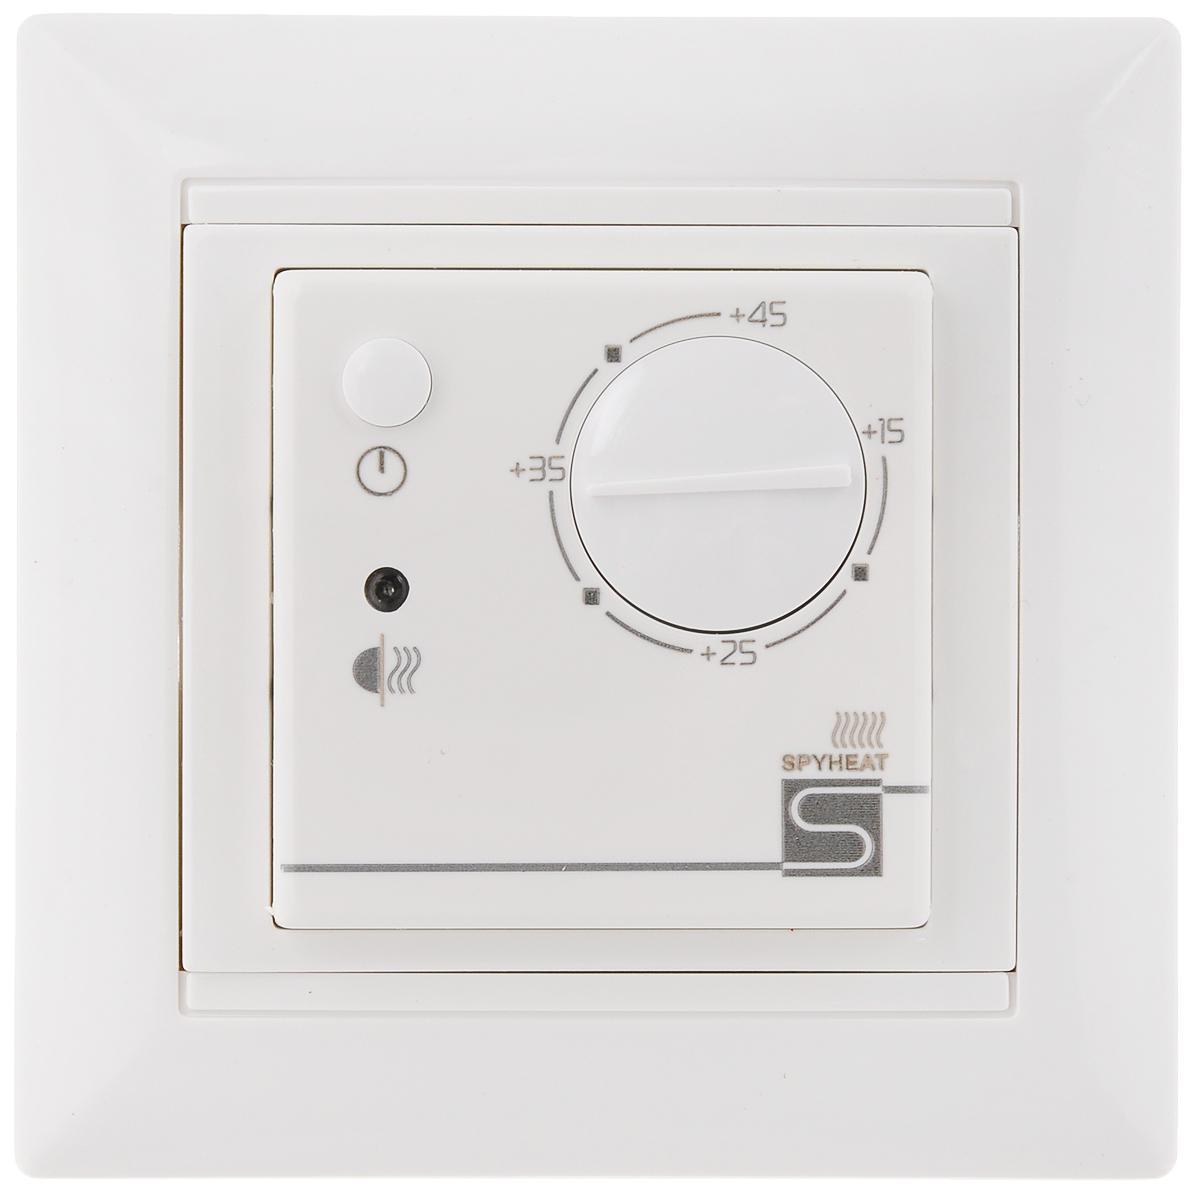 Термостат электронный Spyheat ETL-308BETL-308BЭлектронный термостат Spyheat ETL-308B предназначен для управления системами отопления и вентиляции в жилых и производственных помещениях, в том числе и кабельными системами обогрева. Термостат комплектуется внешними (для заливки в стяжку тёплого пола, встраивания в каналы приточной вентиляции) датчиками для контроля температуры. Имеет блокировку на случай обрыва или повреждения внешнего датчика. Эксплуатация термостата не требует специального обслуживания. Монтаж осуществляется в помещениях с температурой от 0 до +50°C и влажностью не более 80%.